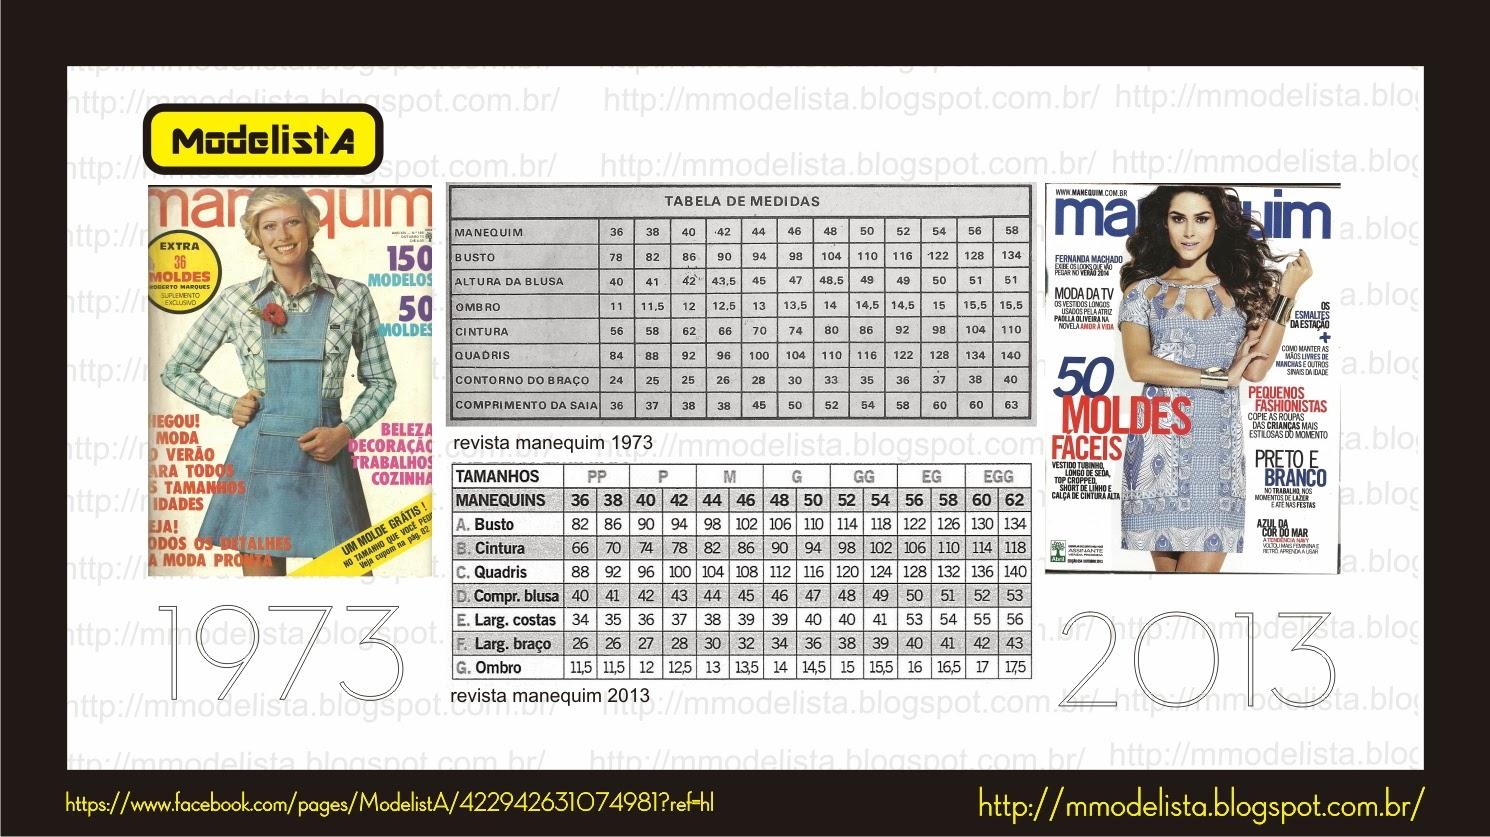 http://3.bp.blogspot.com/-rv2BSNt6MSE/UoJhVzFQ7FI/AAAAAAAAAsk/3-85a8TtEI4/s1600/tabela.jpg